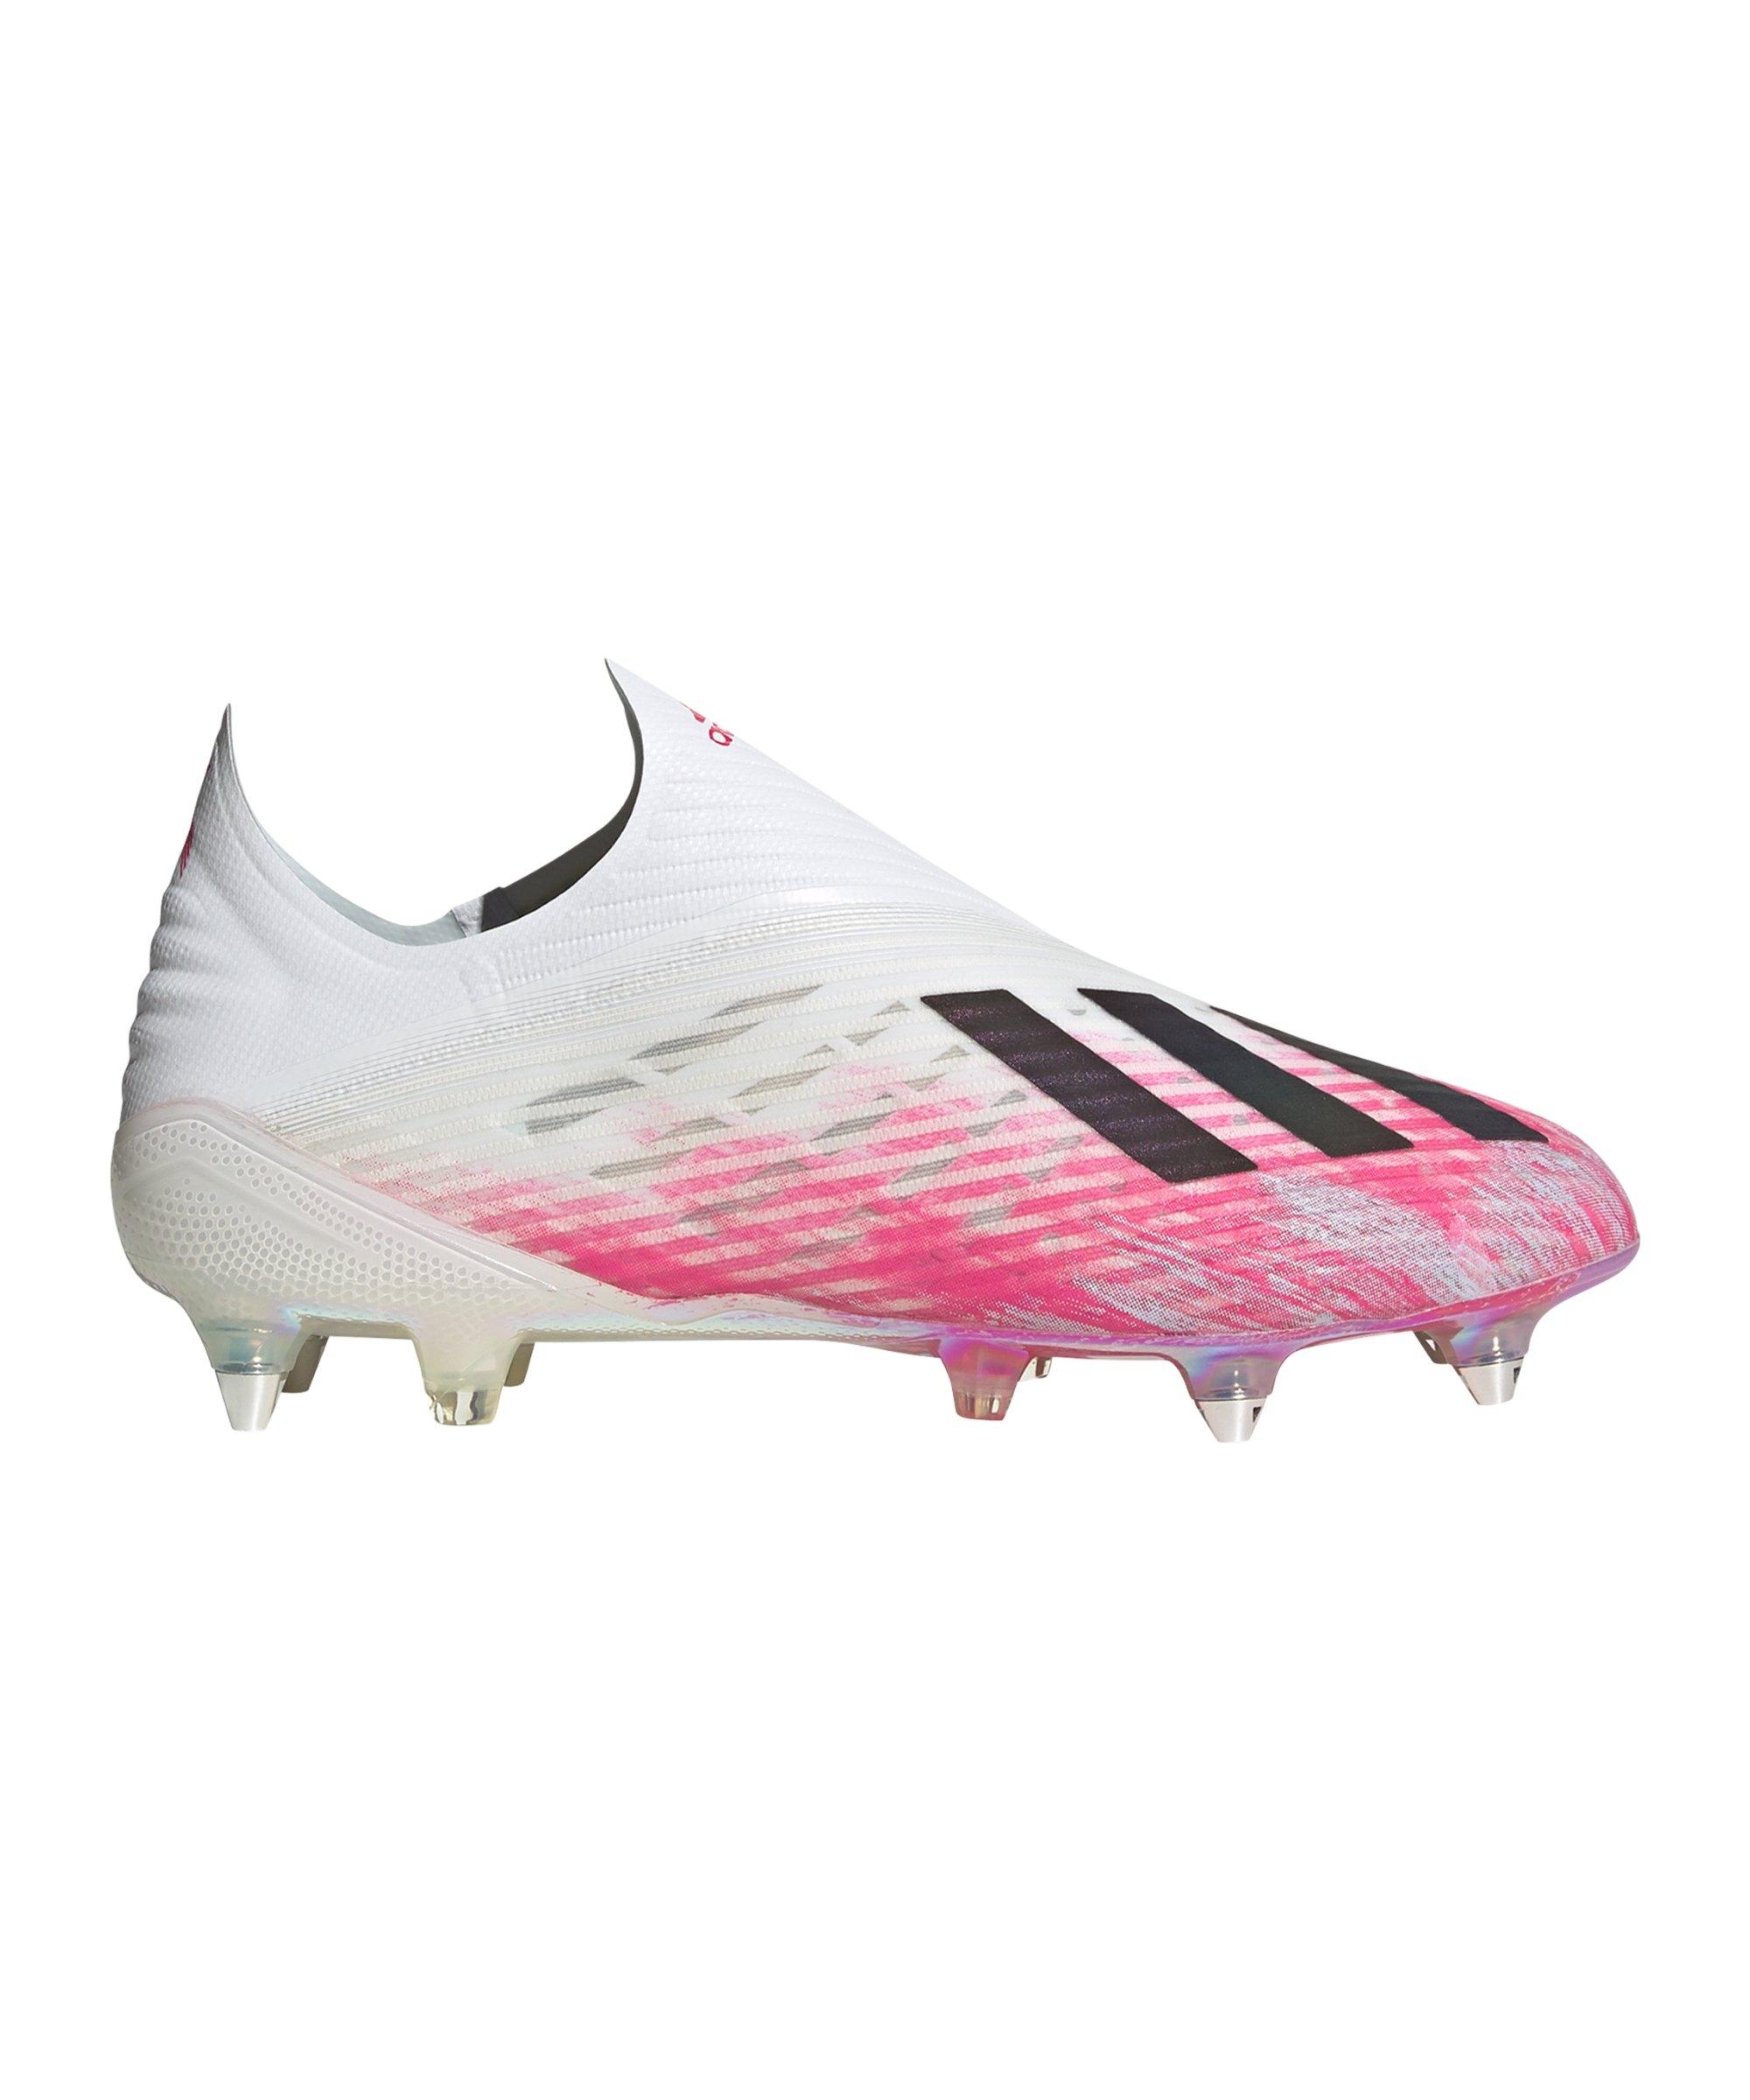 adidas X Uniforia 19+ SG Weiss Pink - weiss